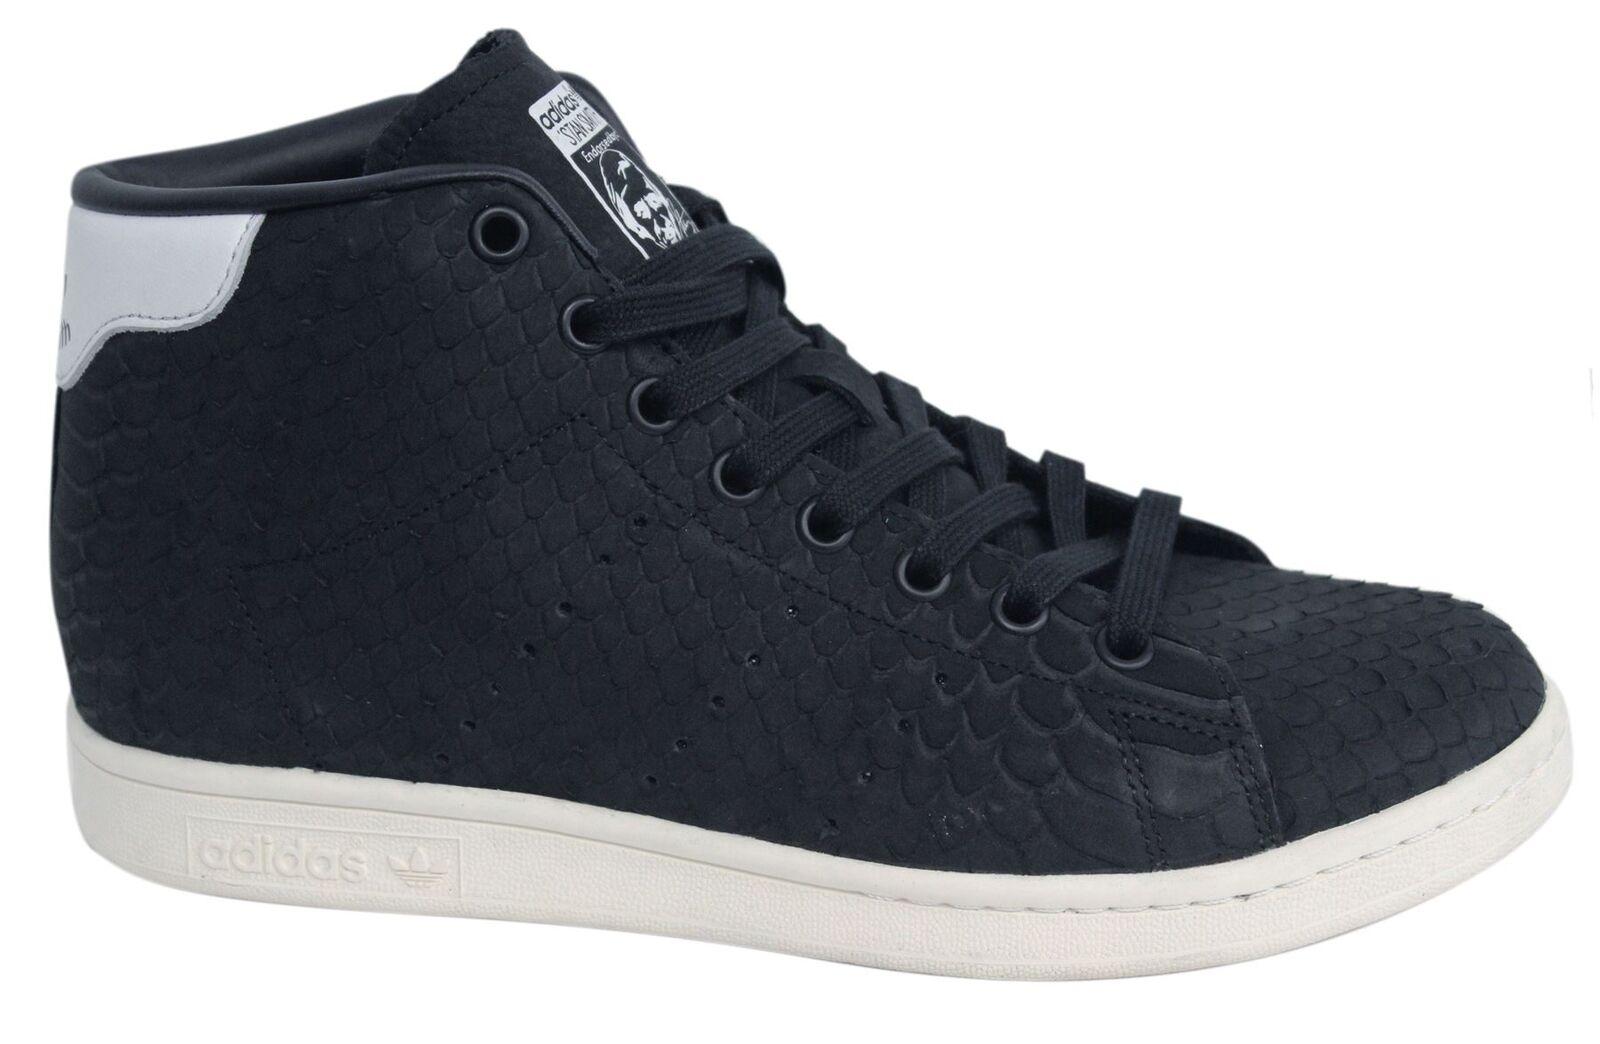 Adidas De Originals Stan Smith Mid Mujer Encaje Entrenadores De Adidas Cuero Negro BB4863 M15 f4d5c9